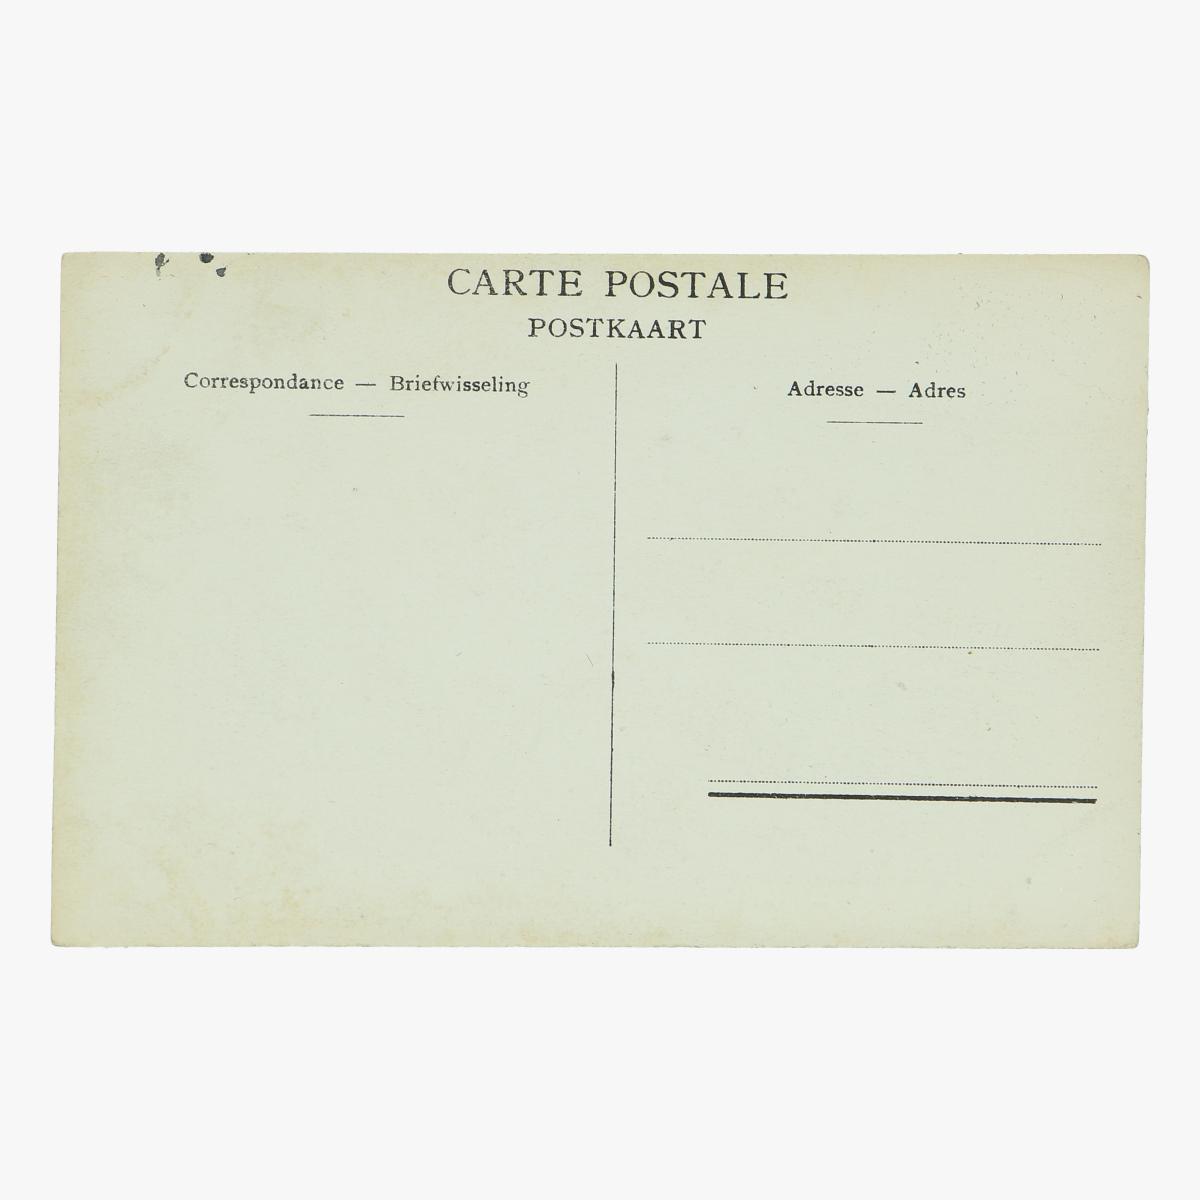 Afbeeldingen van bruxelles exposition 1910 brand in de tentoonstelling van bxl